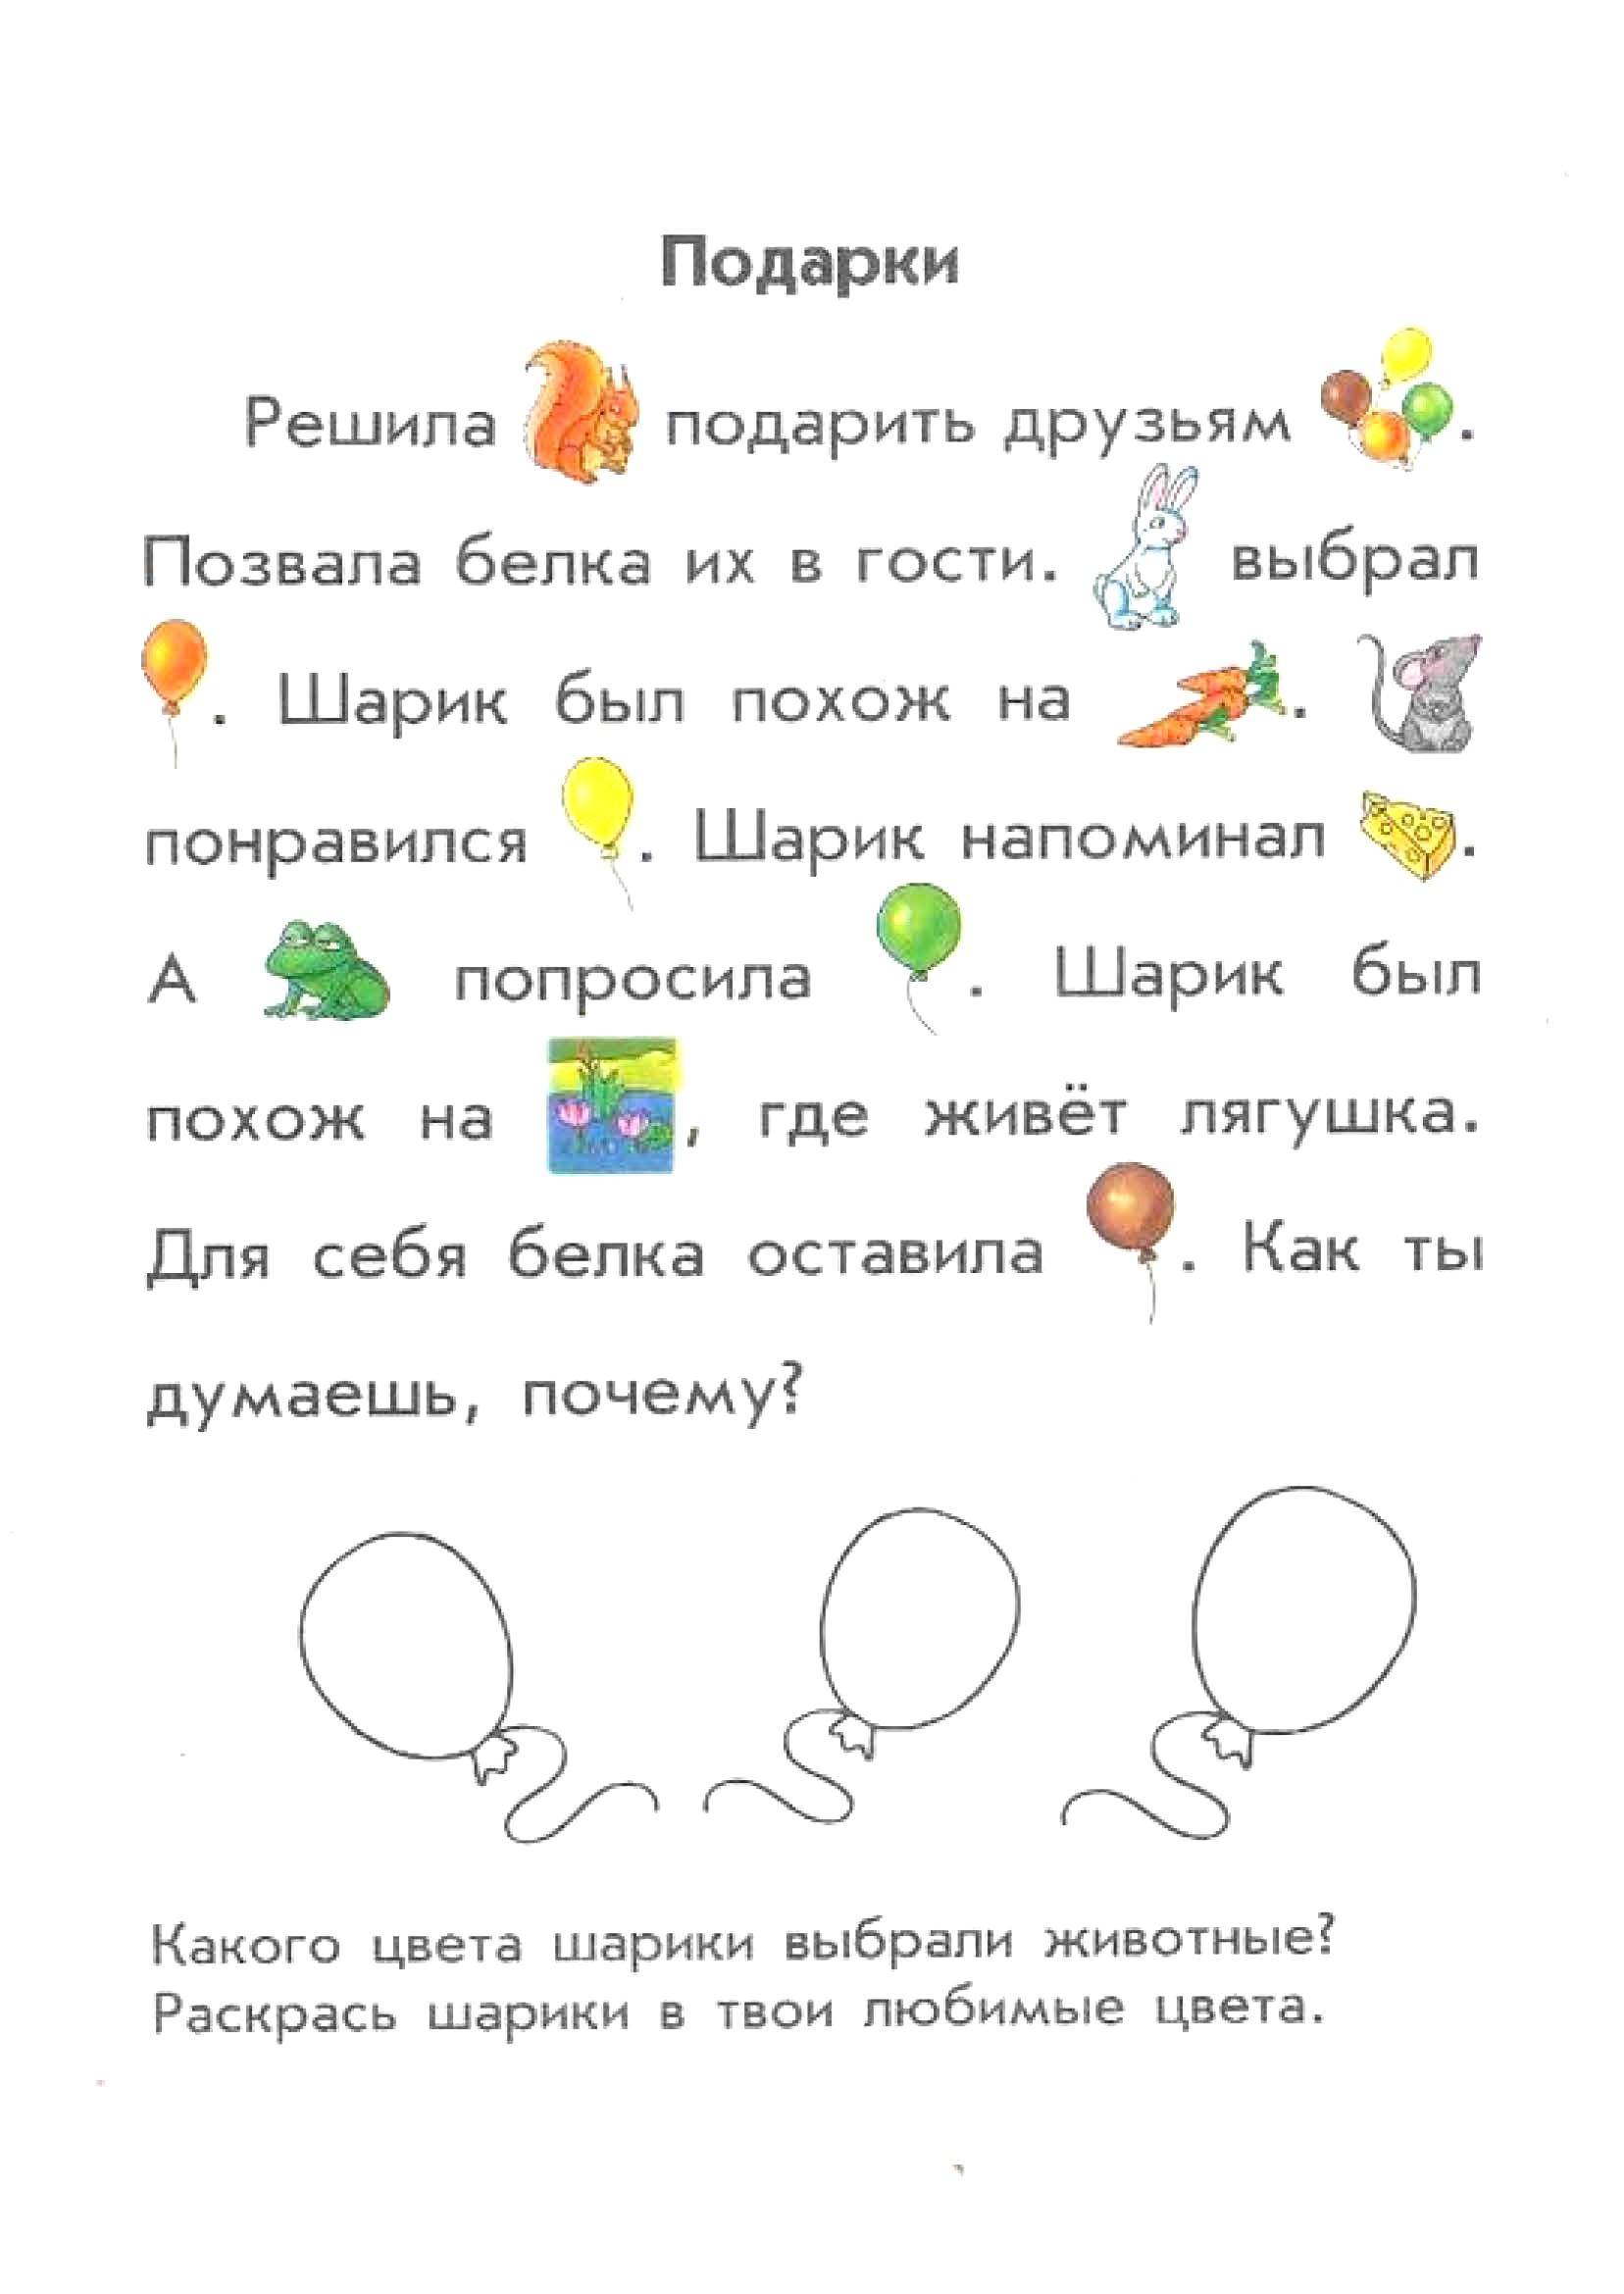 Текст с картинками 8